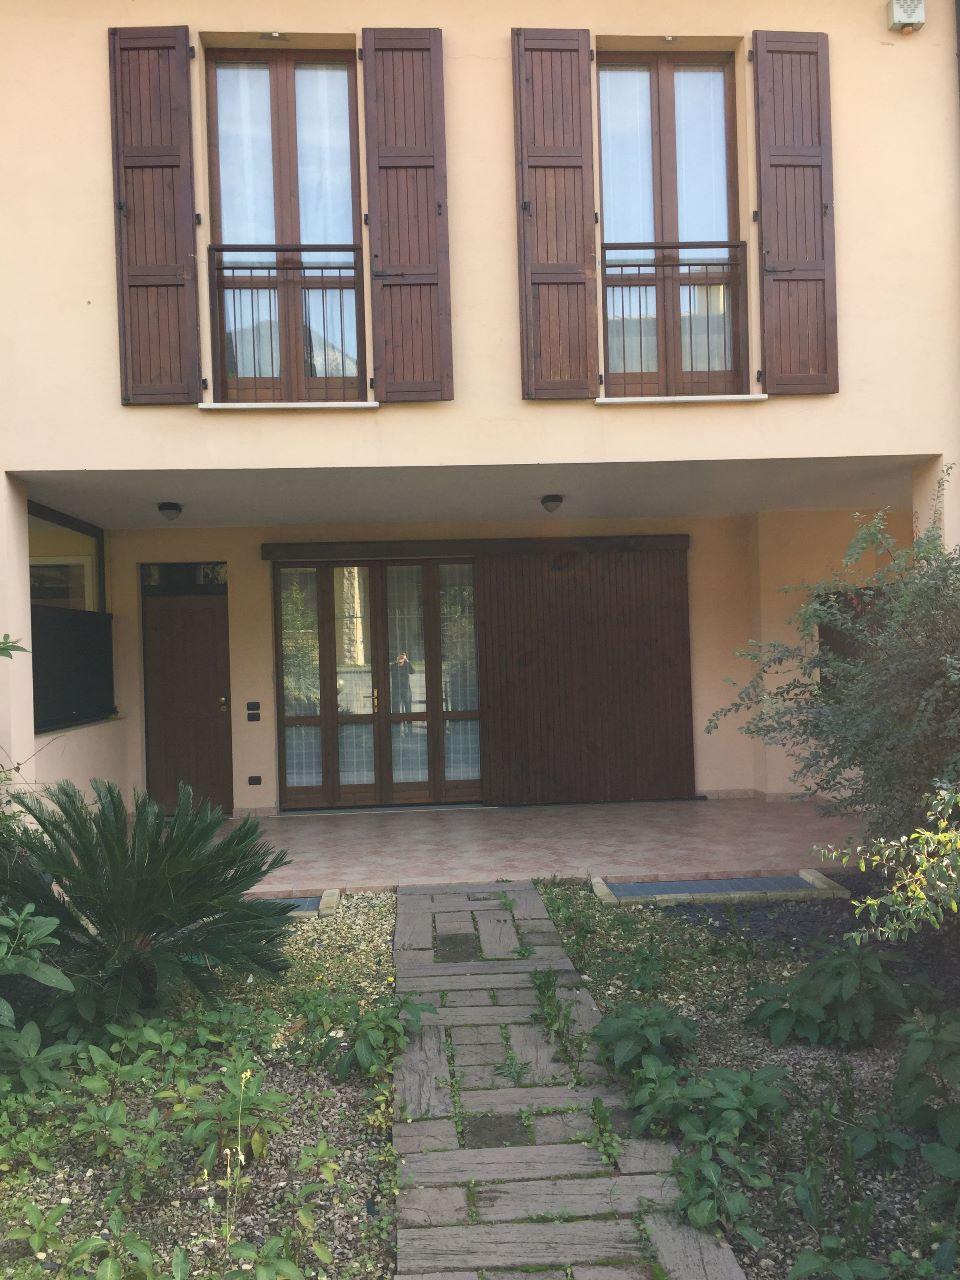 Villa in vendita a Roè Volciano, 4 locali, prezzo € 340.000 | PortaleAgenzieImmobiliari.it